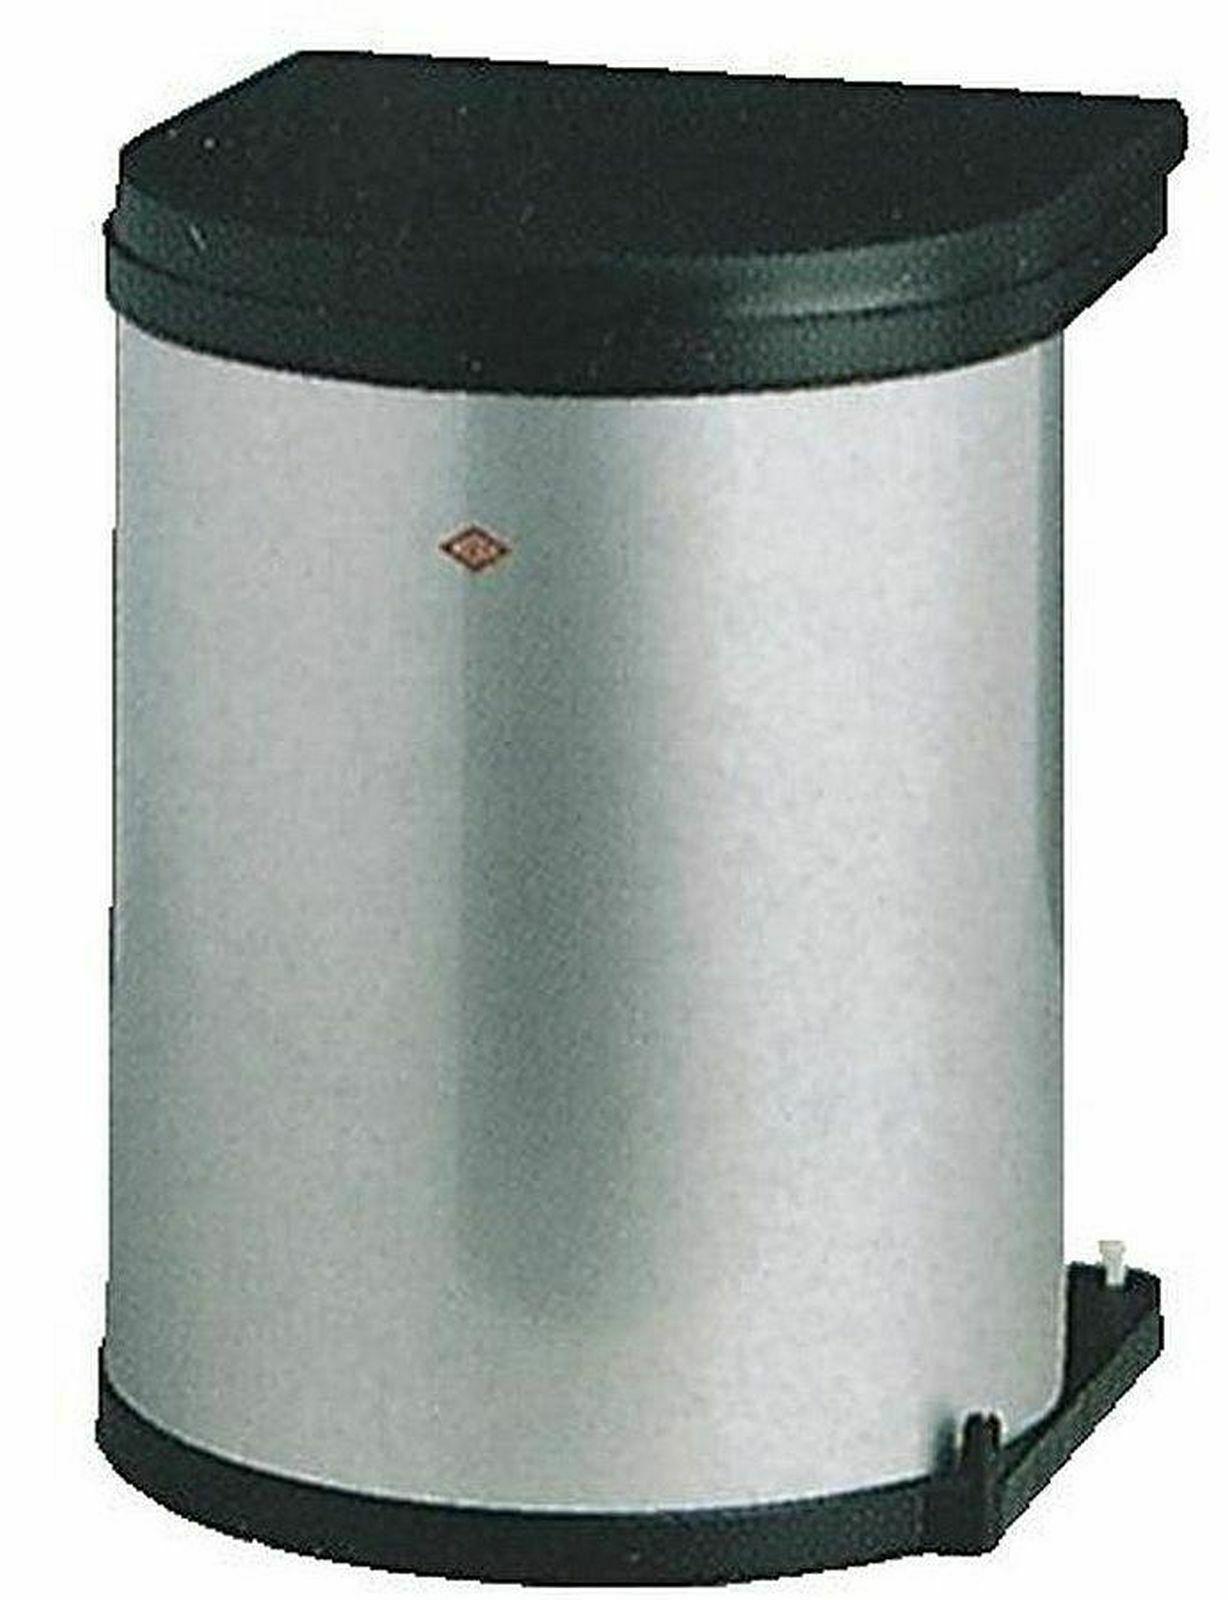 Einbau Mülleimer Küche 13 L Abfalleimer Müllsammler Wesco Müllsystem  *514625 - yatego.com